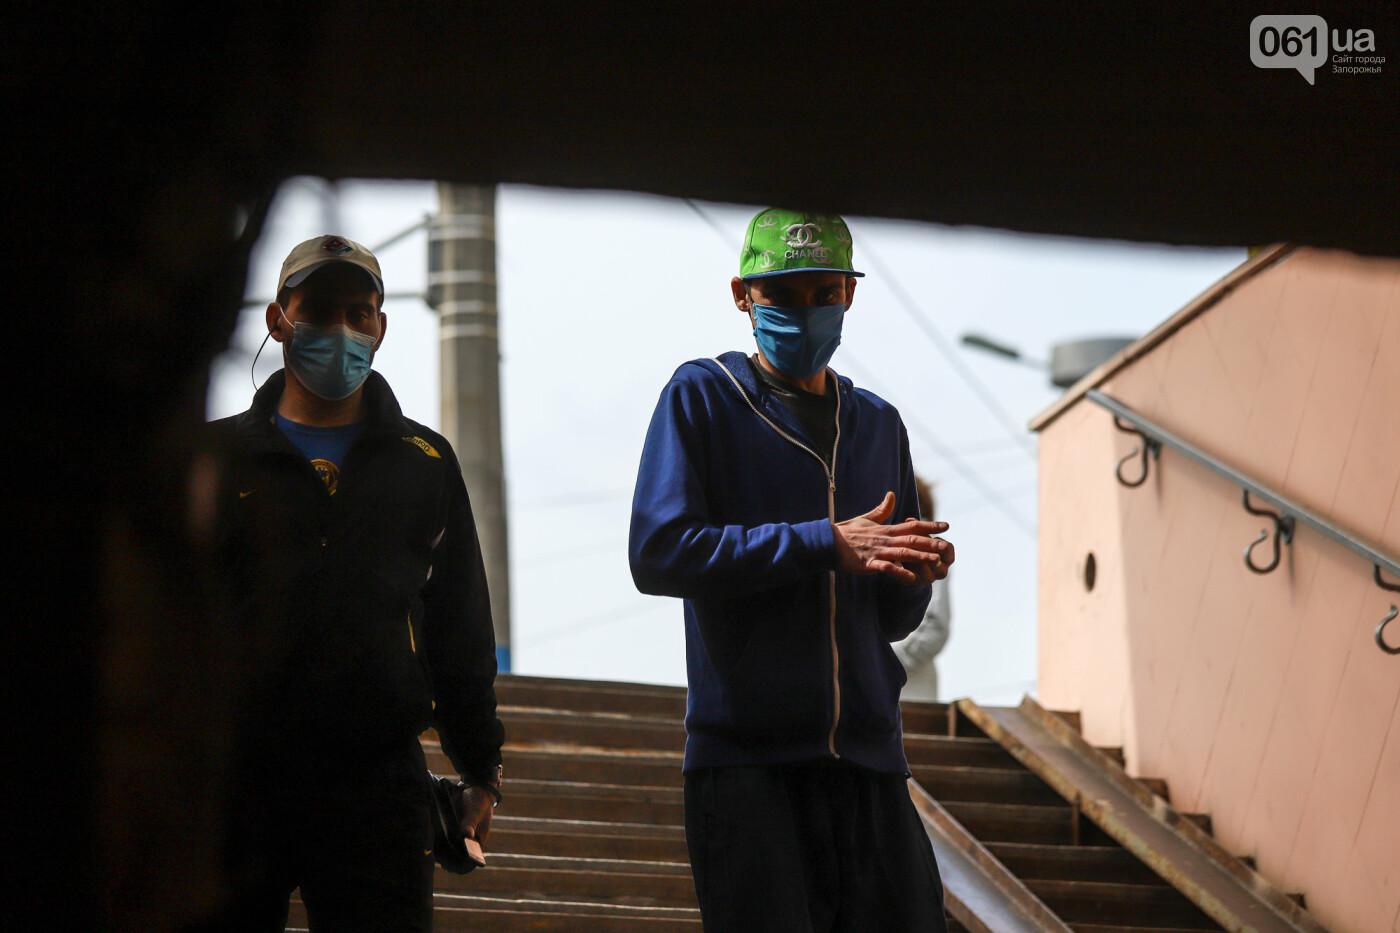 Вход только в масках: как выглядит Запорожье на карантине, - ФОТОРЕПОРТАЖ, фото-19